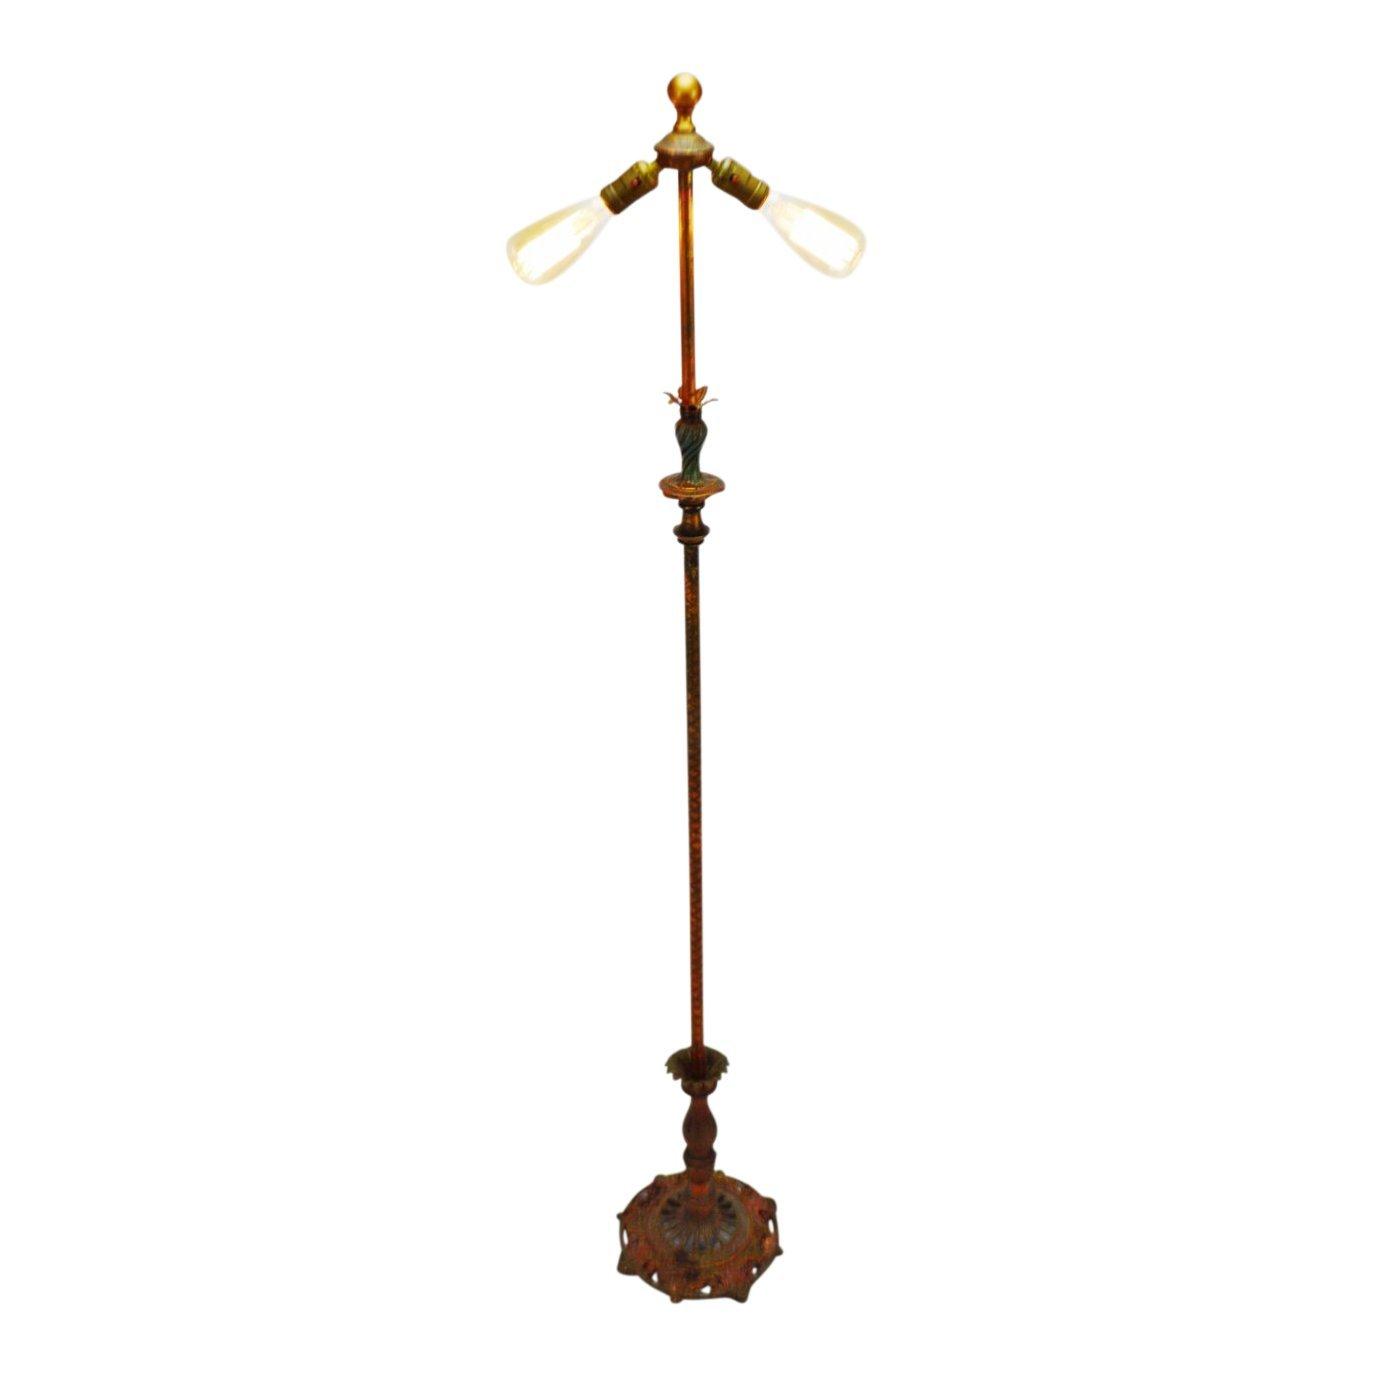 Vintage Art Deco Metal Floor Lamp with Dual Fixture